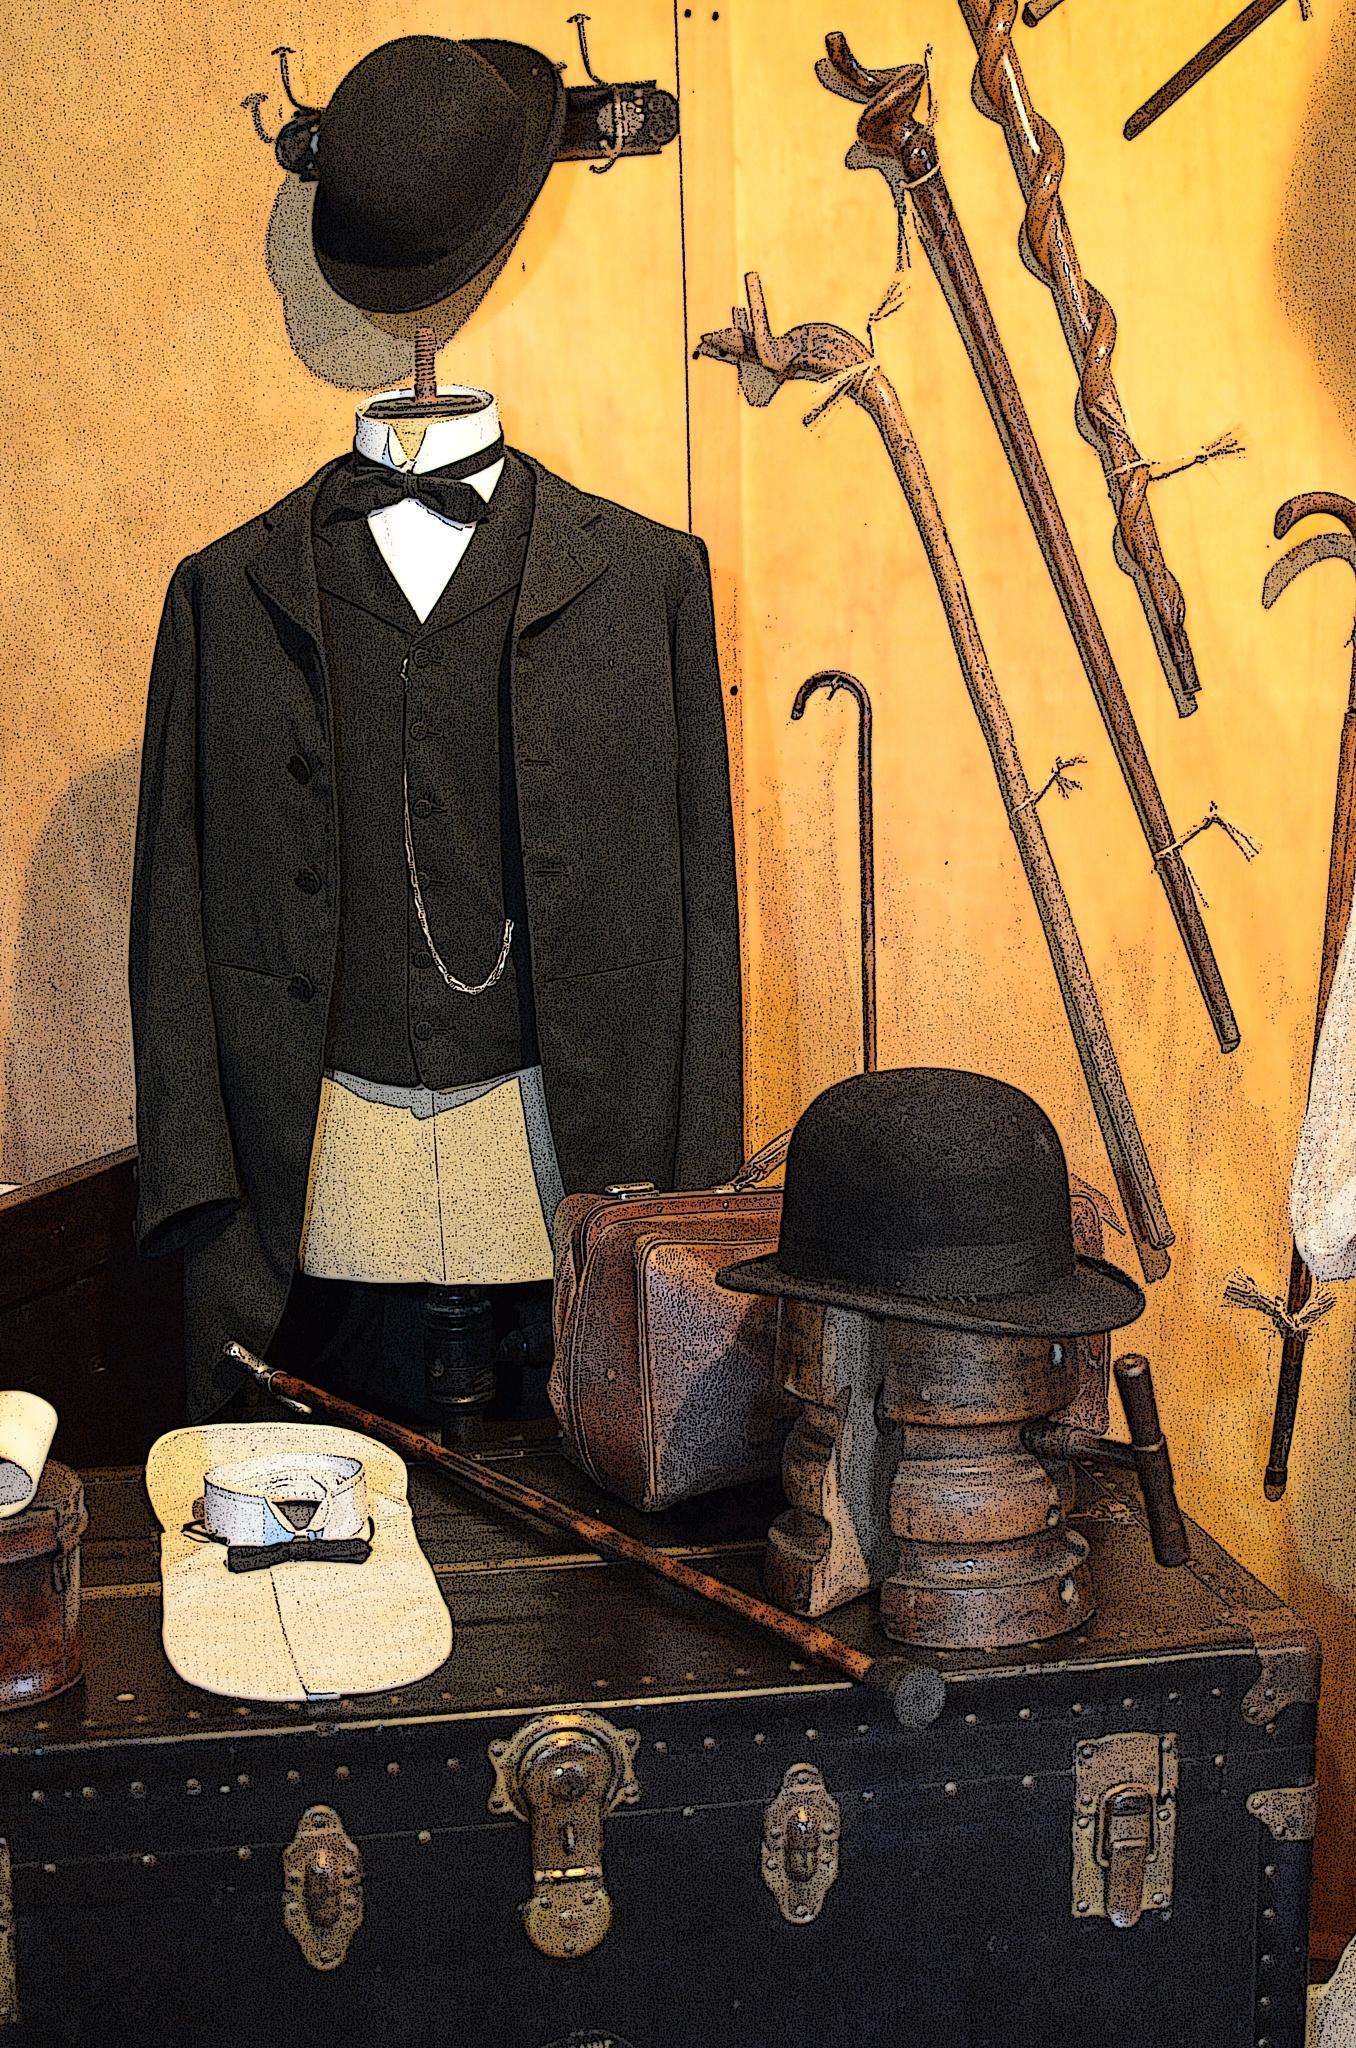 Museo Antonio Felmer by ivanjorquera1000